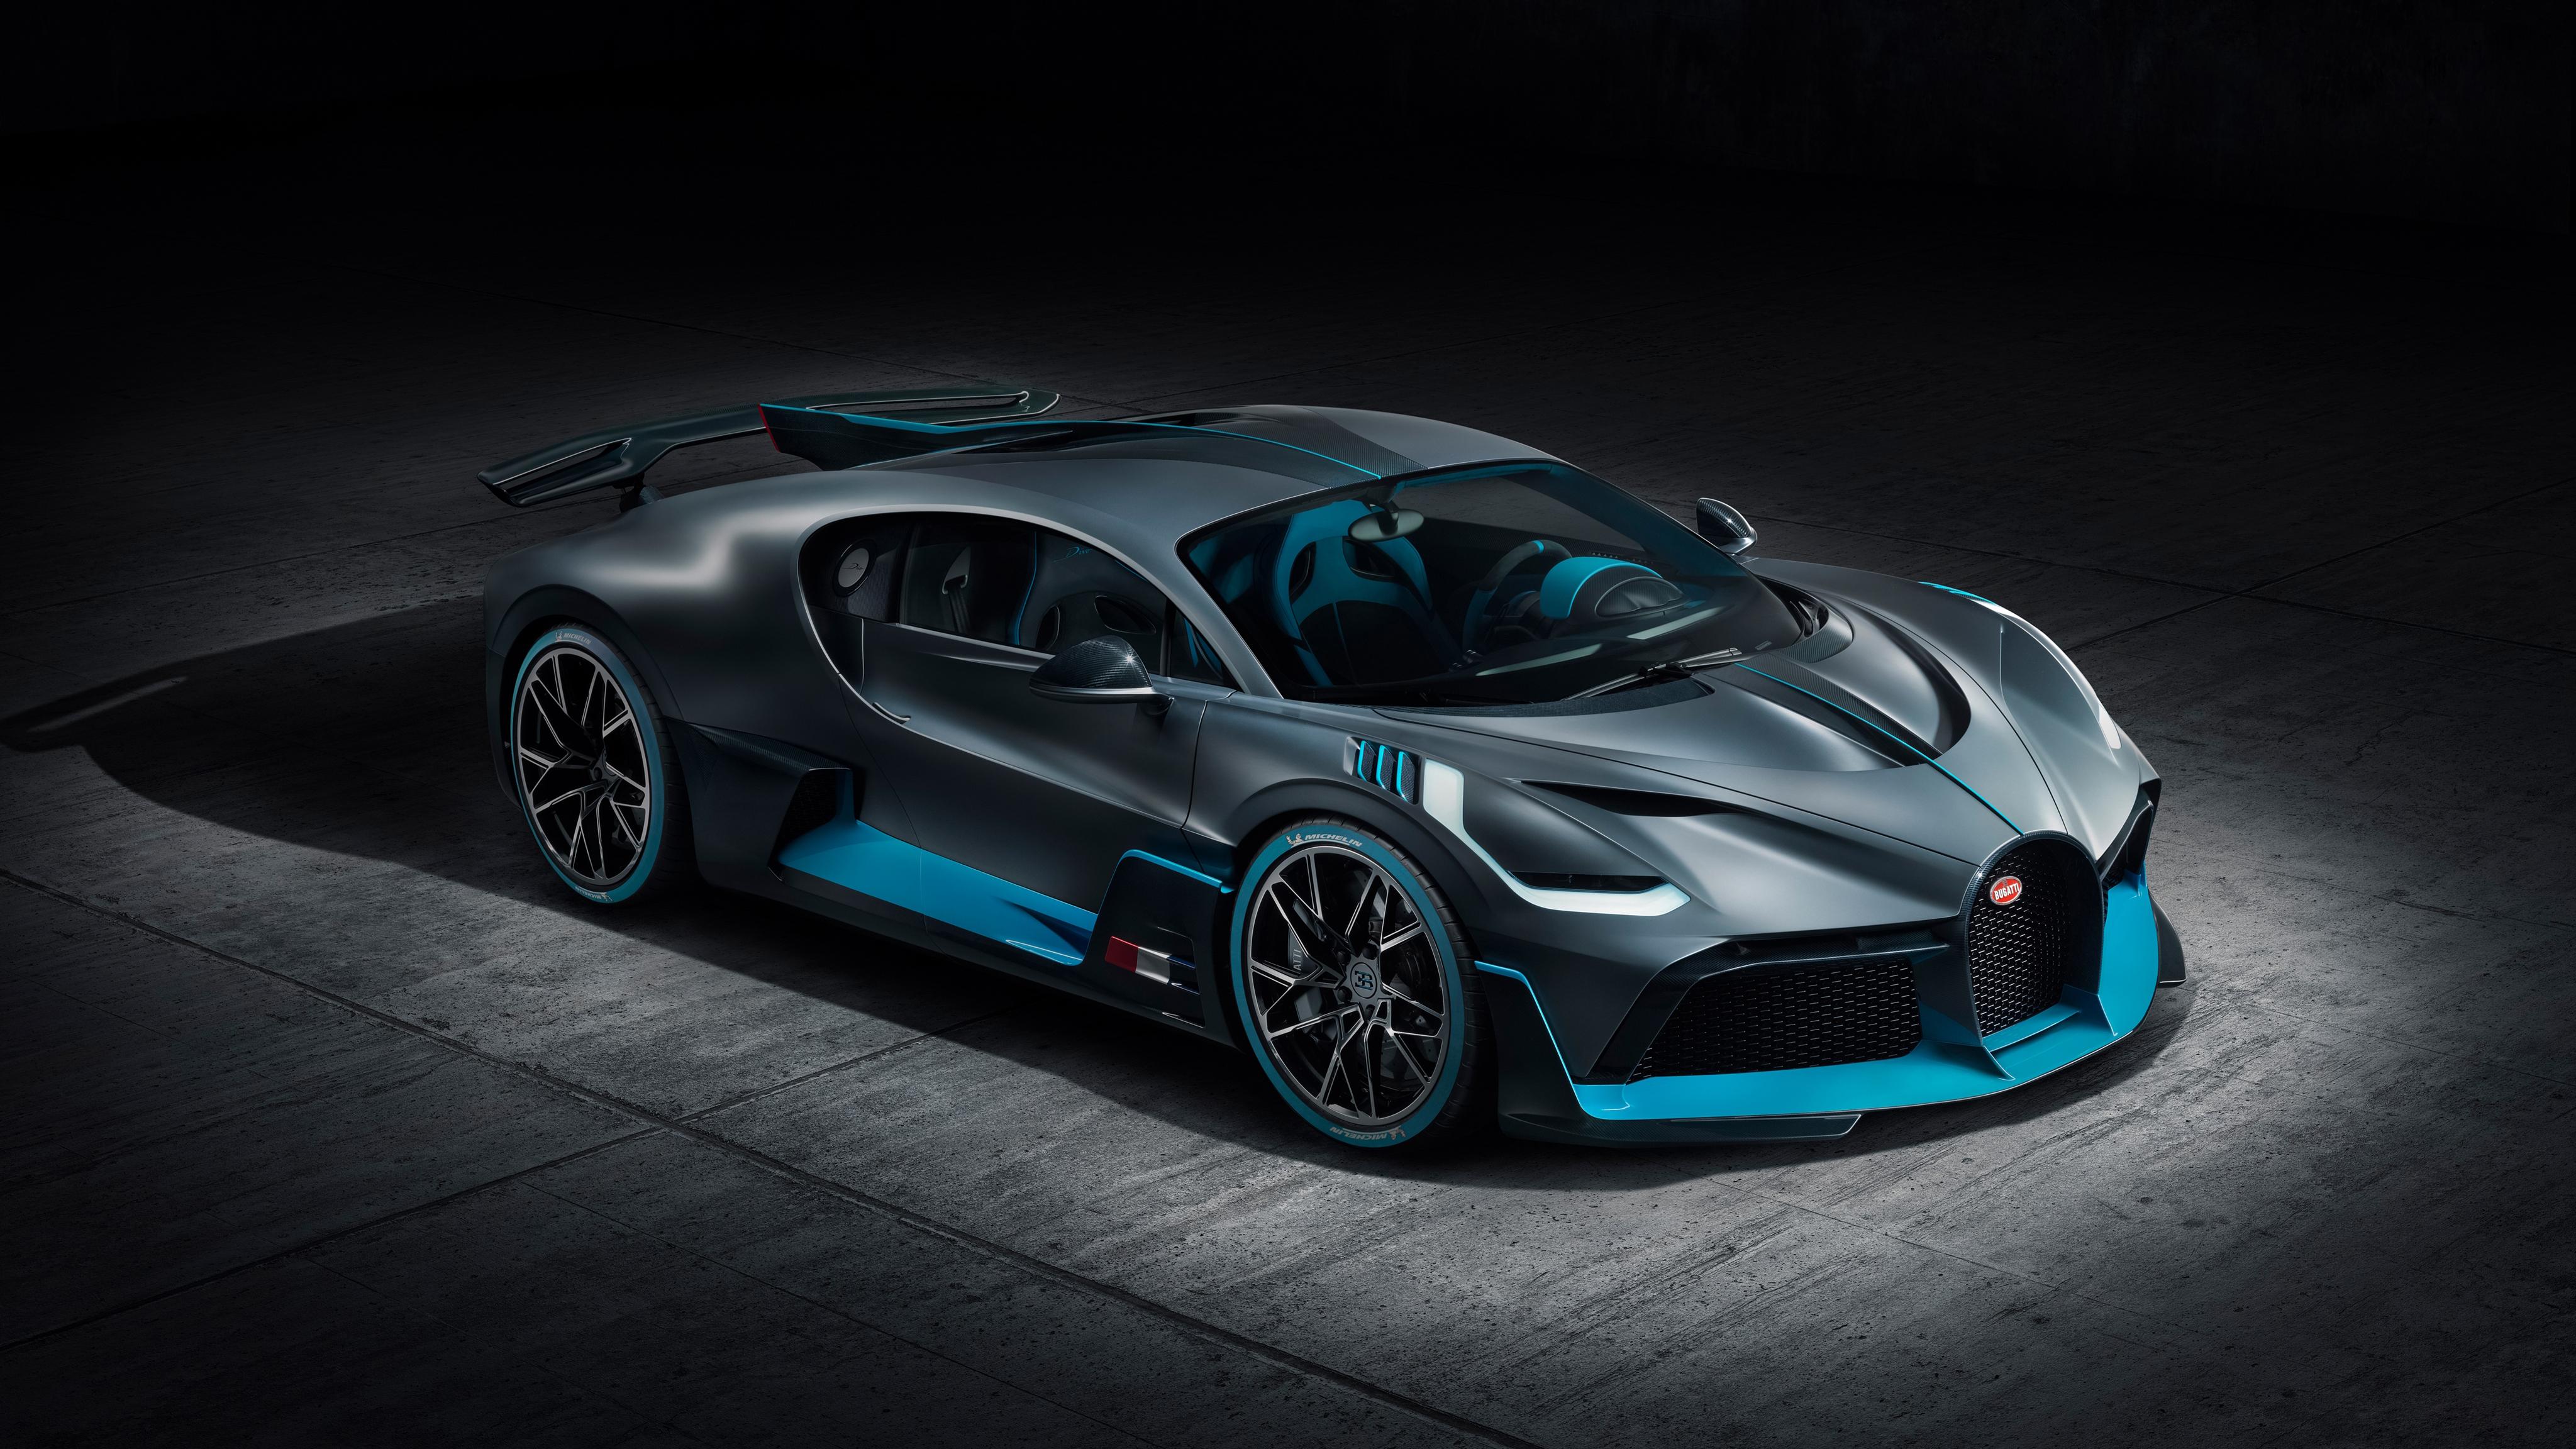 2019 Bugatti Divo 4k Wallpaper Hd Car Wallpapers Id 11106